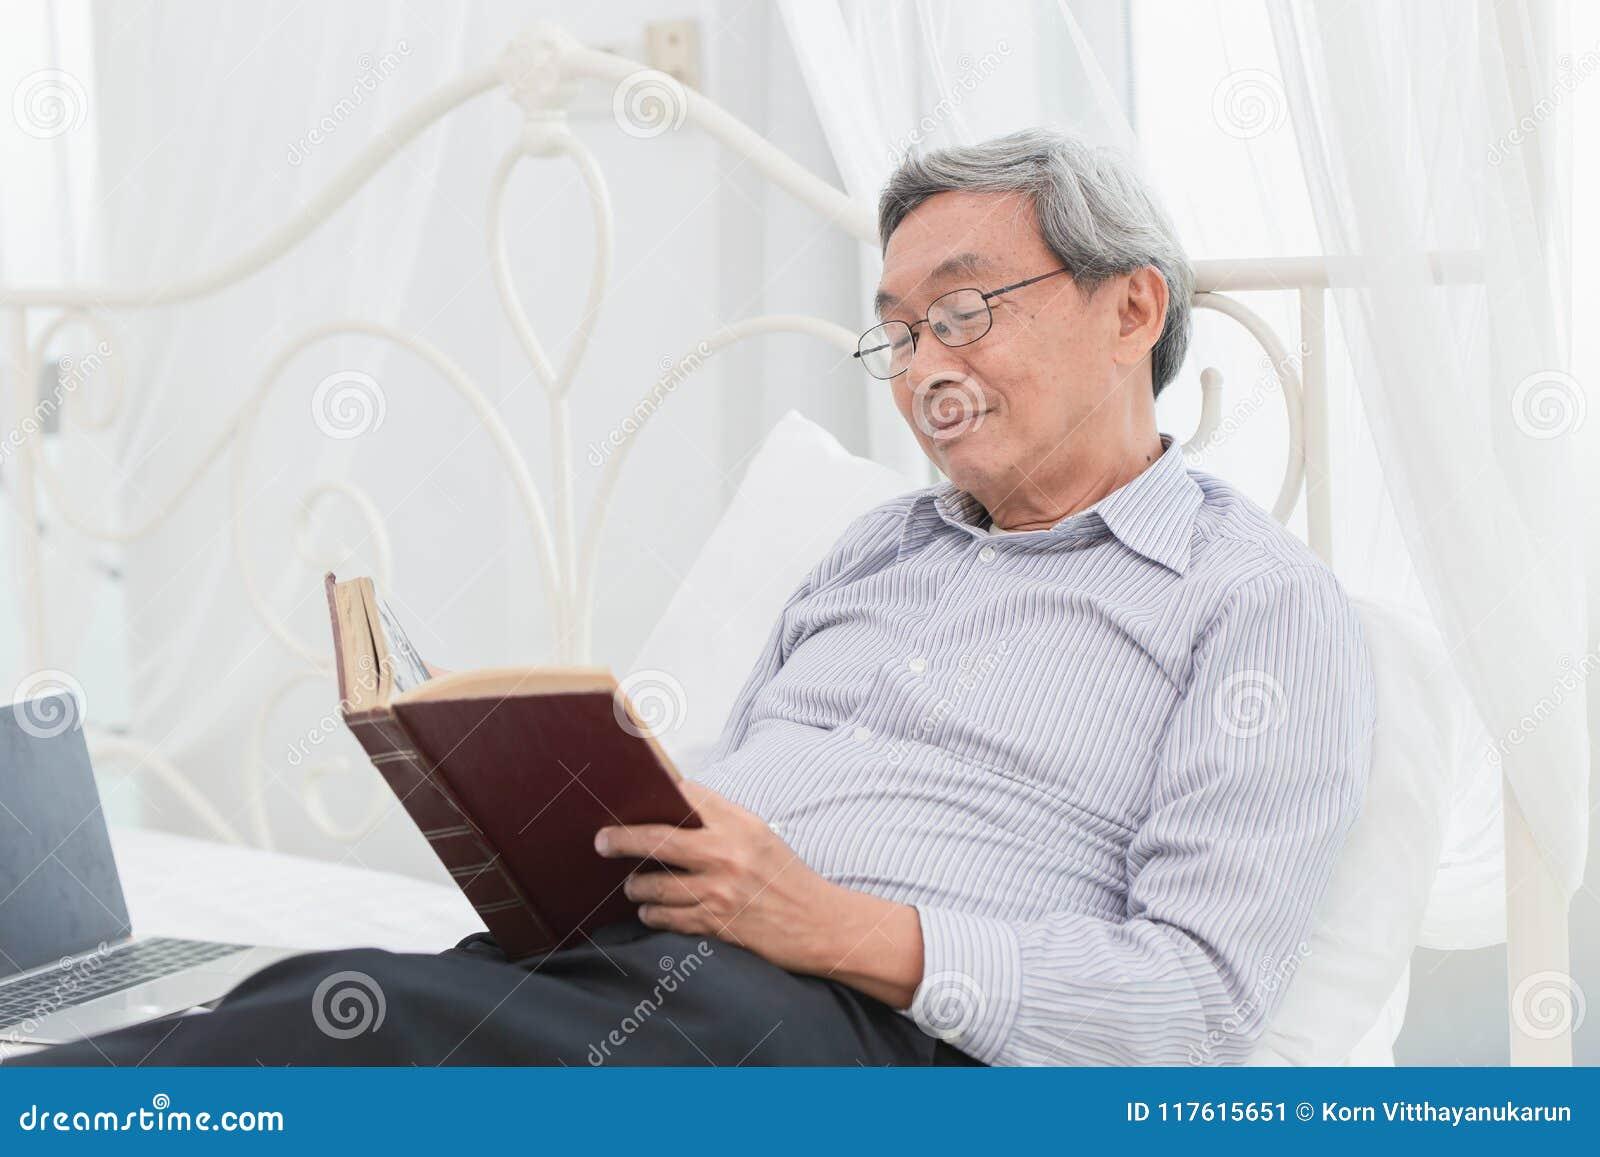 Asiatischer Glasprofessor des alten Mannes genießen, Lehrbuch zu lesen